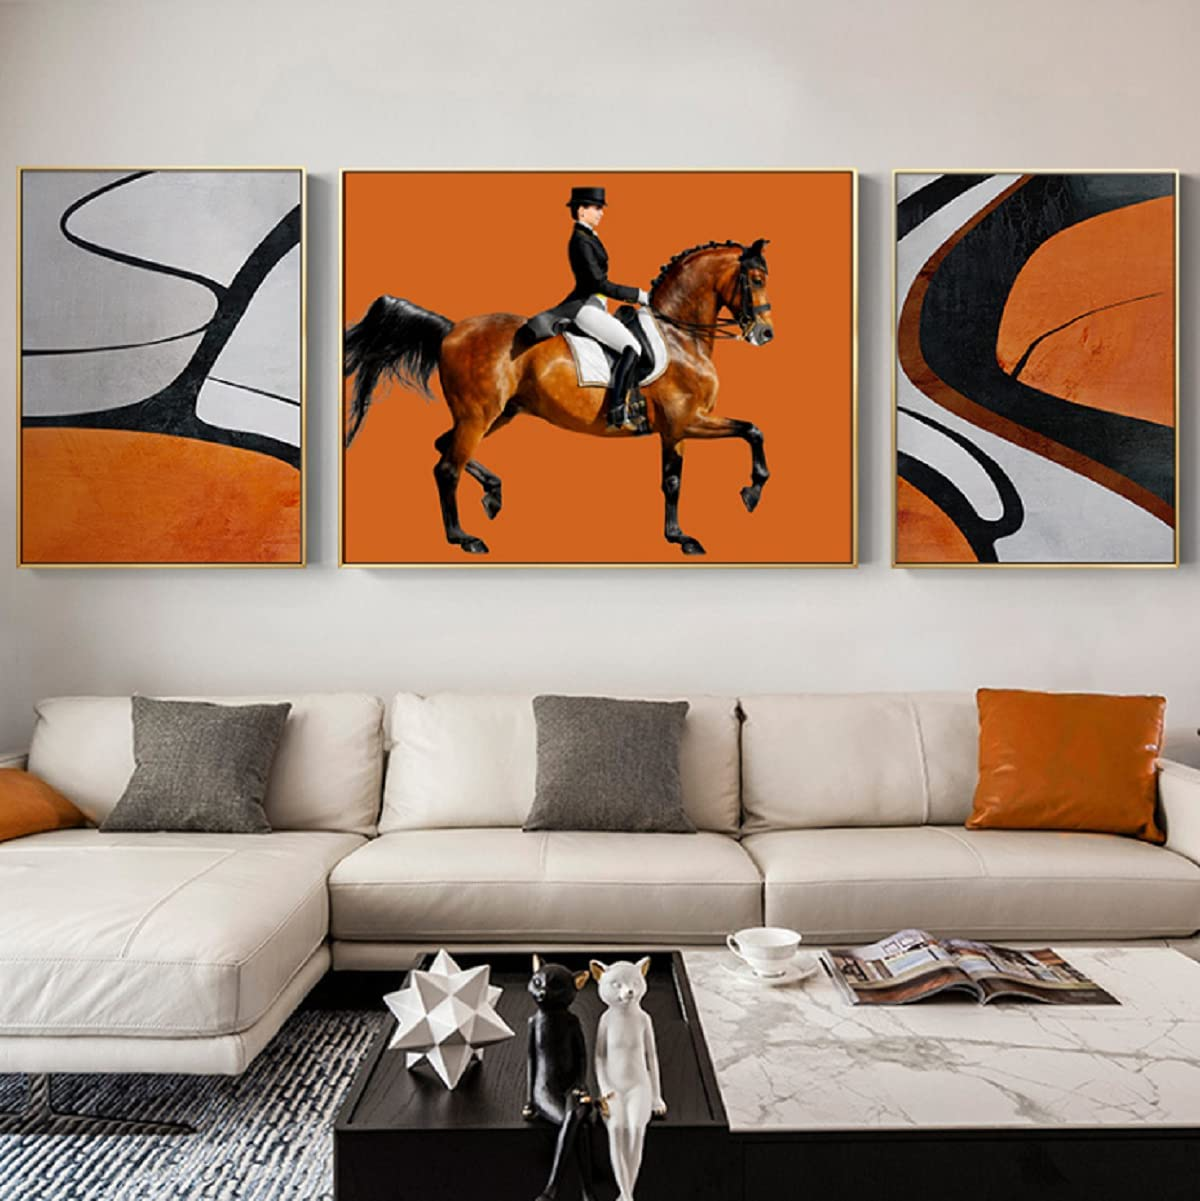 XIAOMA Cuadro de lienzo de estilo europeo ligero y lujoso con combinación de caballos, telón de fondo para sala de estar (50 x 70 x 2 + 90 x 70 cm)